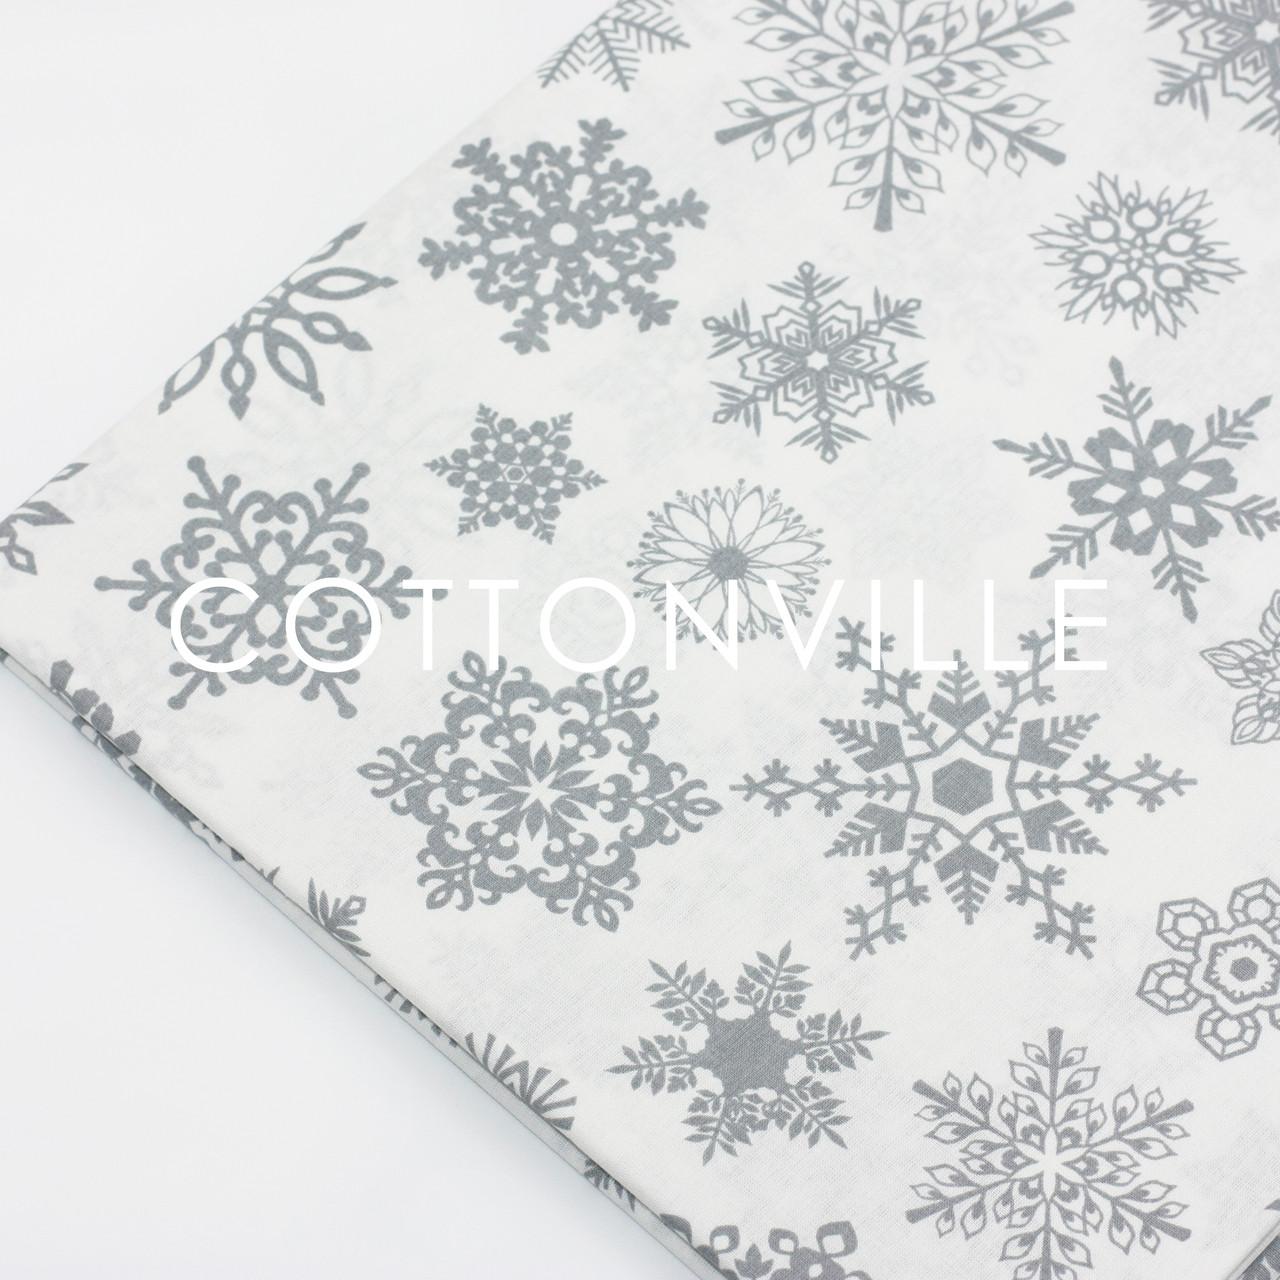 Ранфорс 240 см Снежинки серые на белом (остаток 250 см )